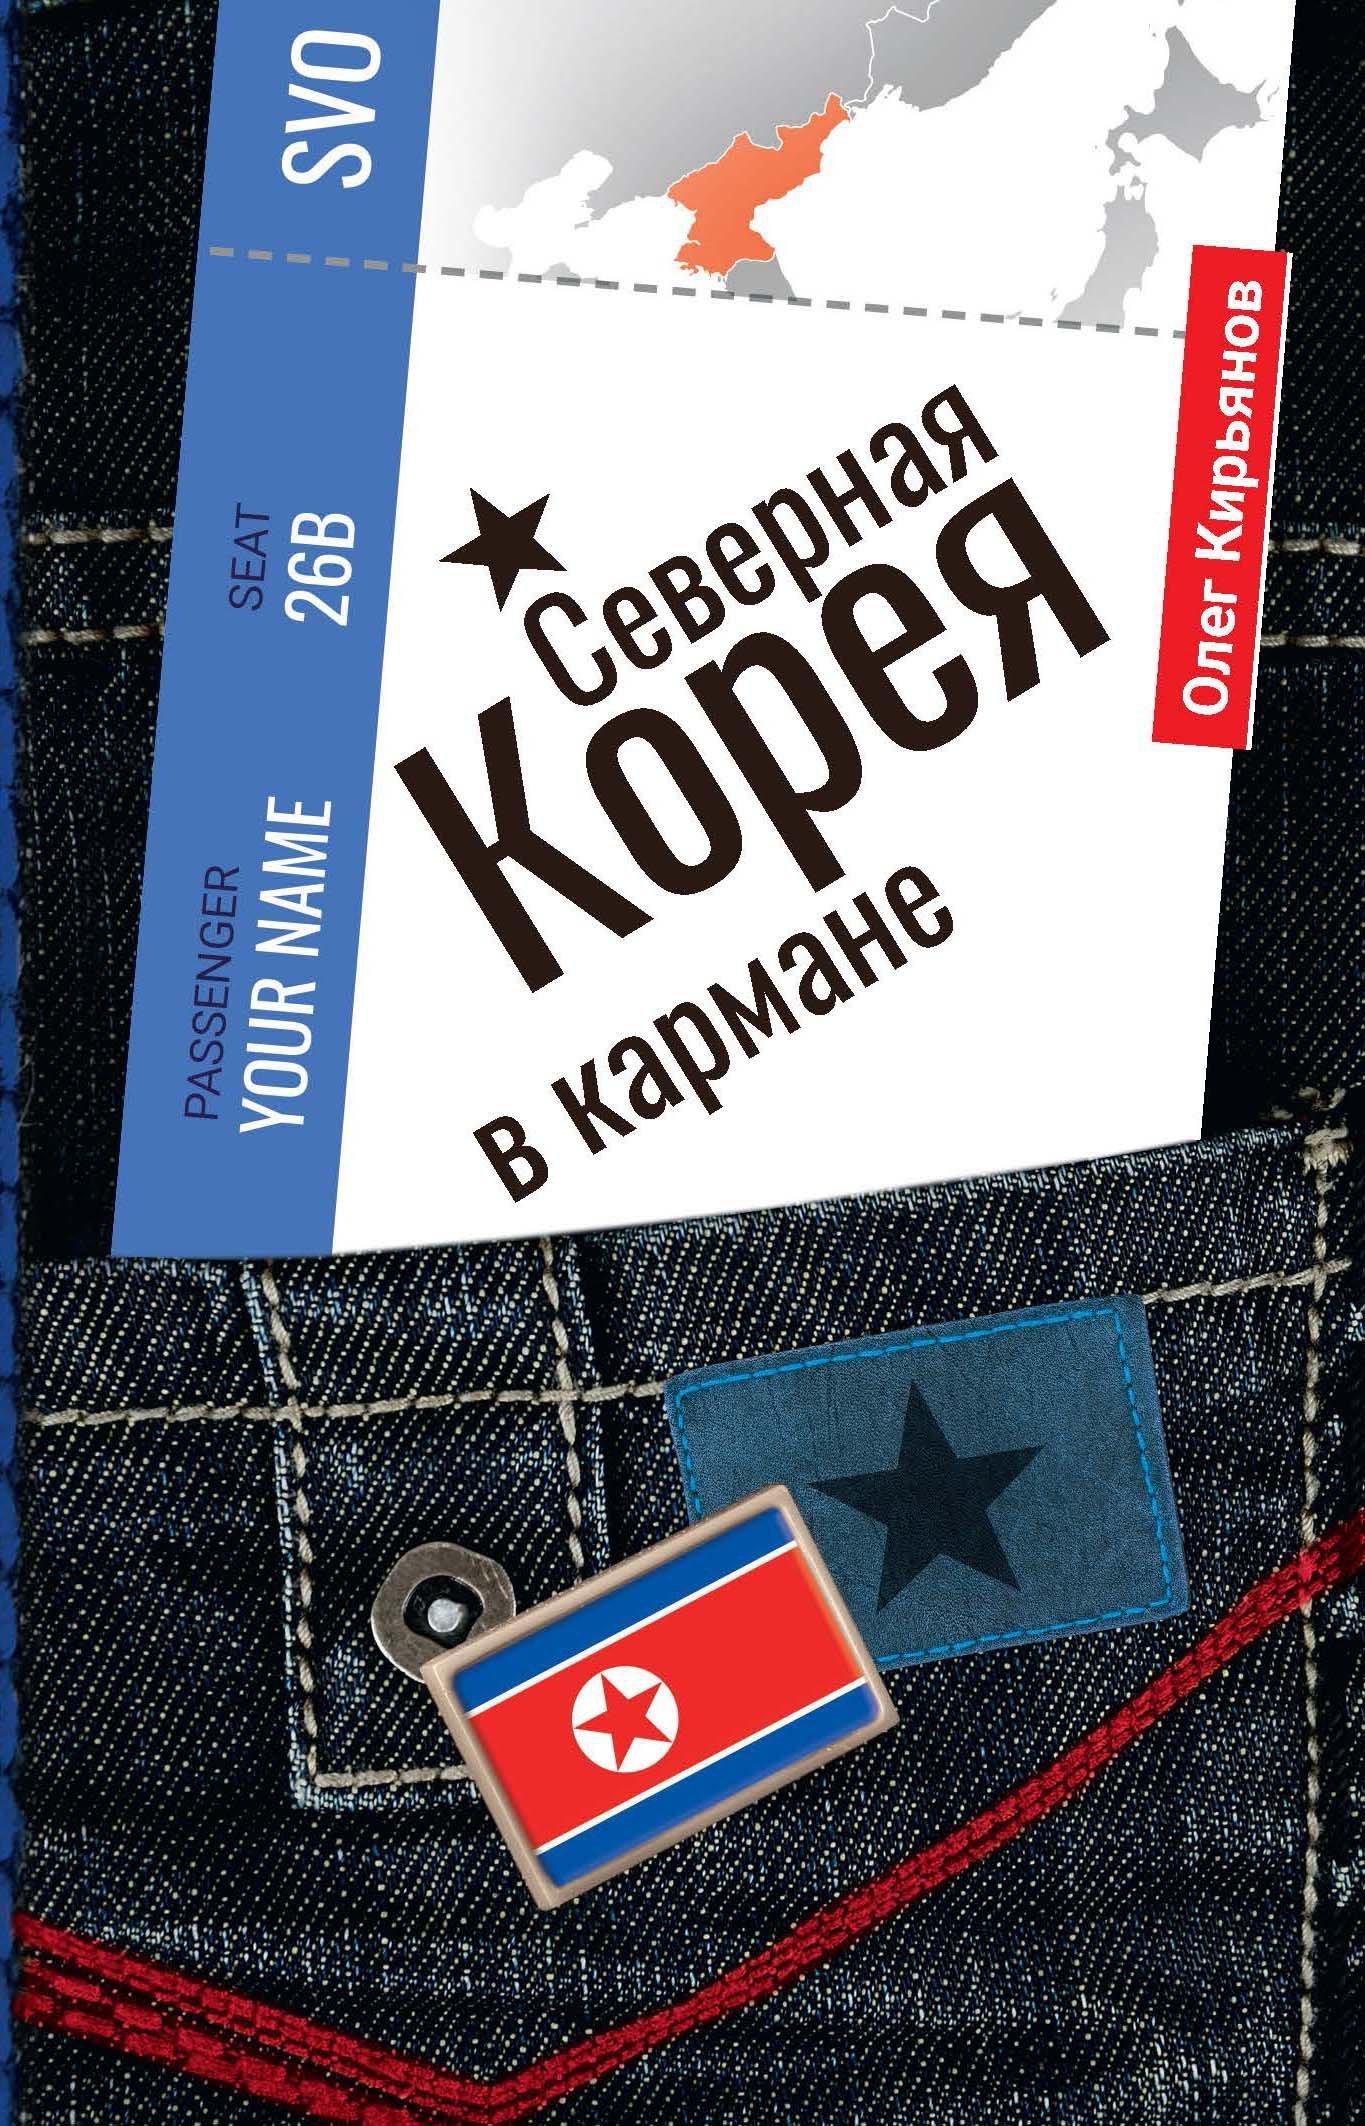 Кирьянов Олег Владимирович Северная Корея в кармане